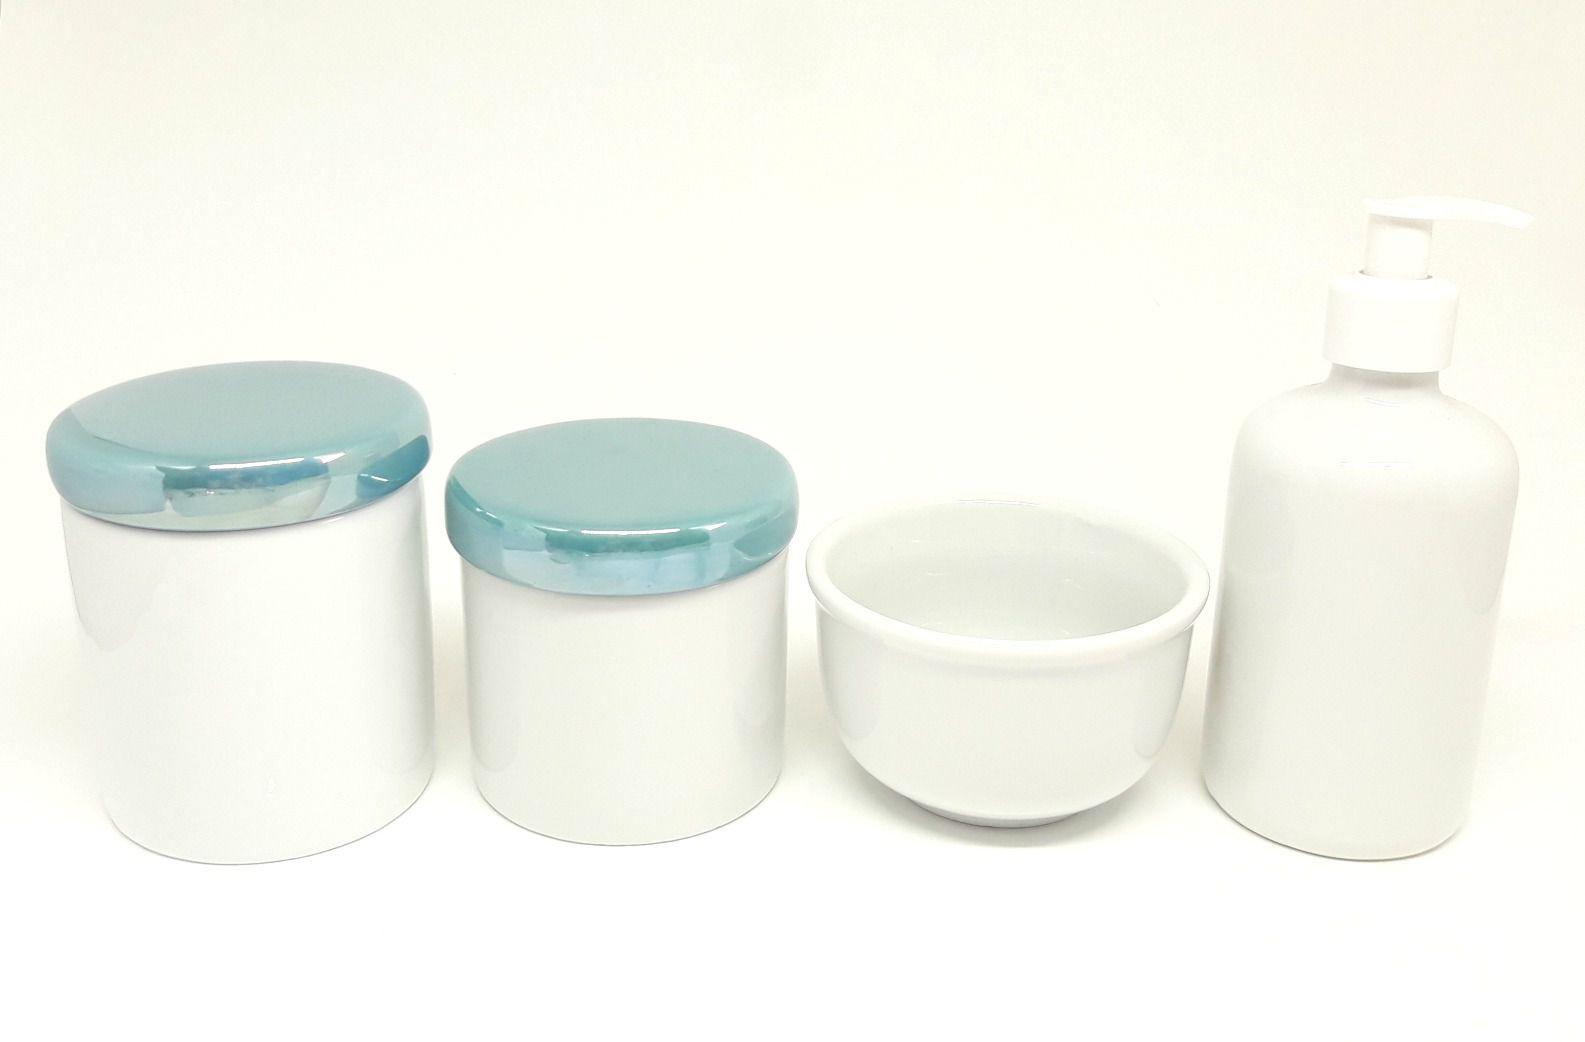 Kit Higiene Bebê Porcelana | Tampas Perolizadas |Verde Esmeralda |4 peças